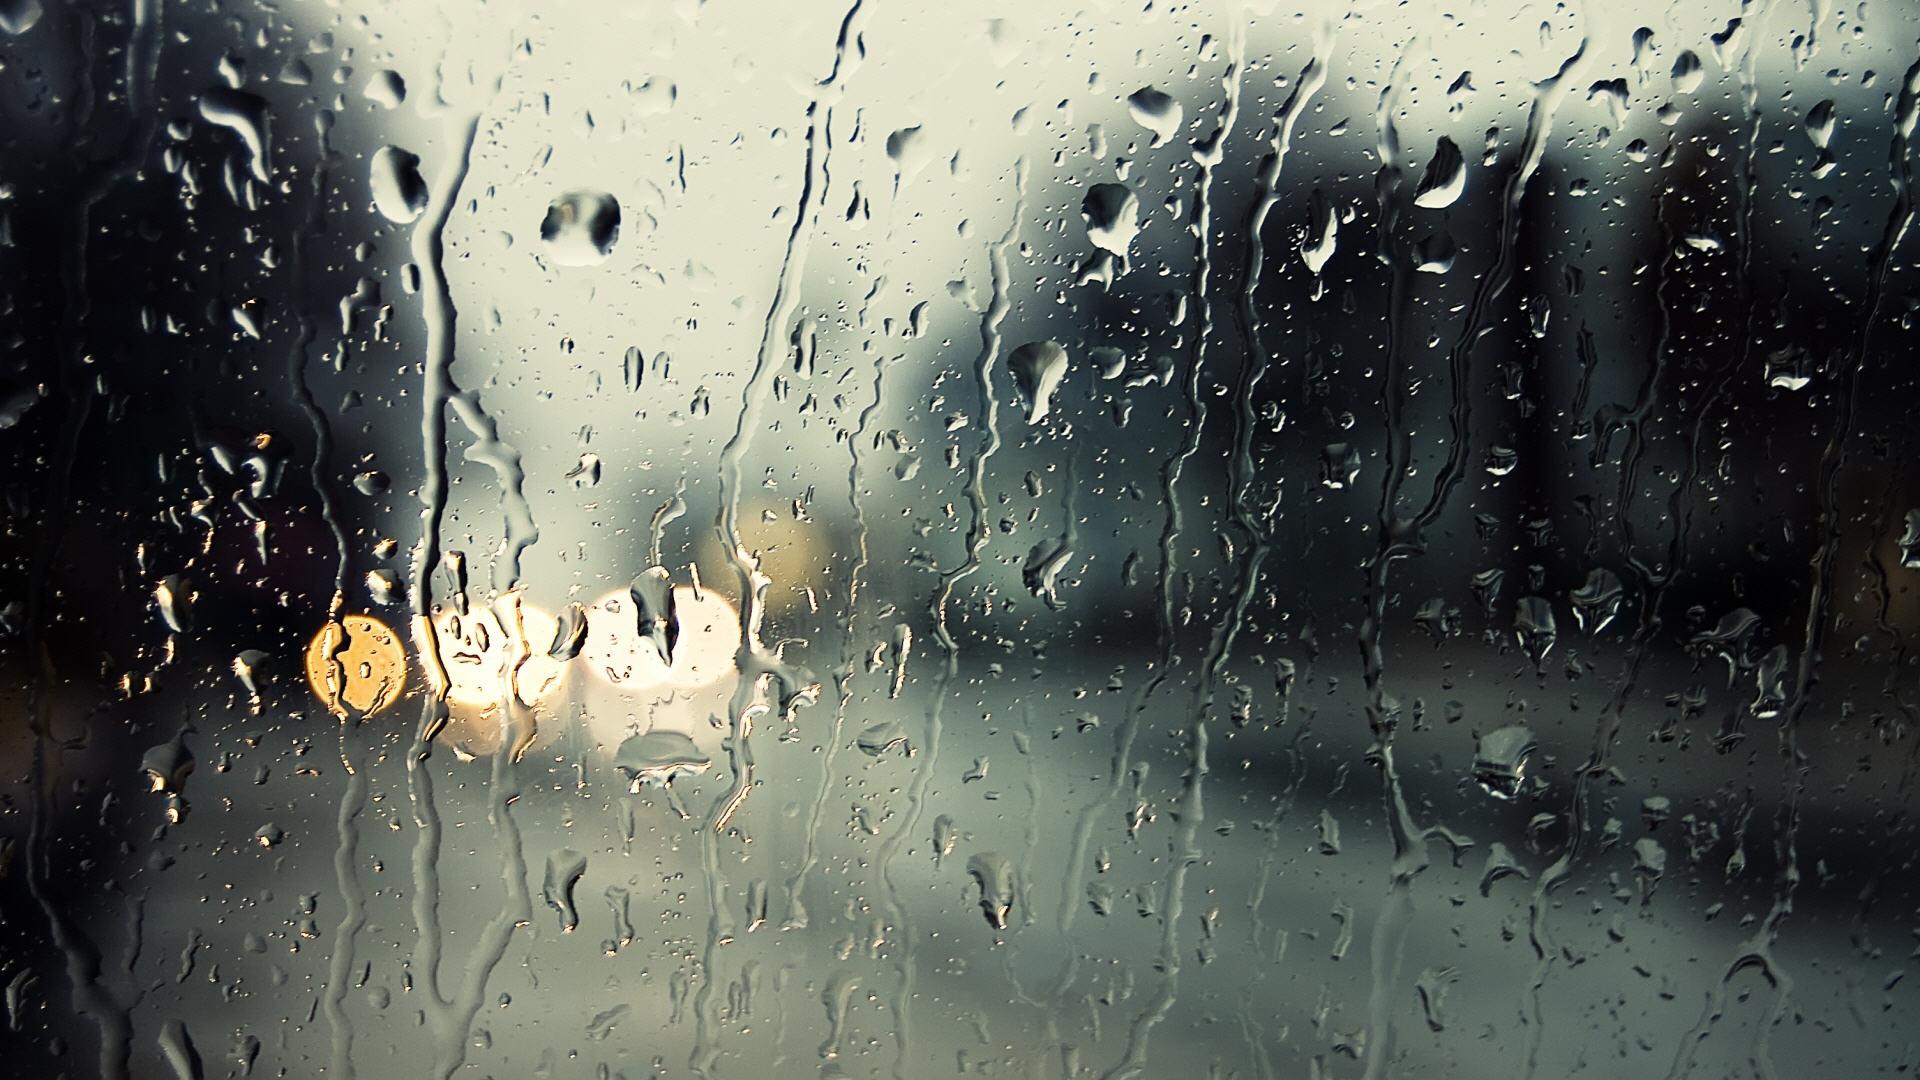 Rain Live Wallpaper HD 1920x1080 5671 1920x1080